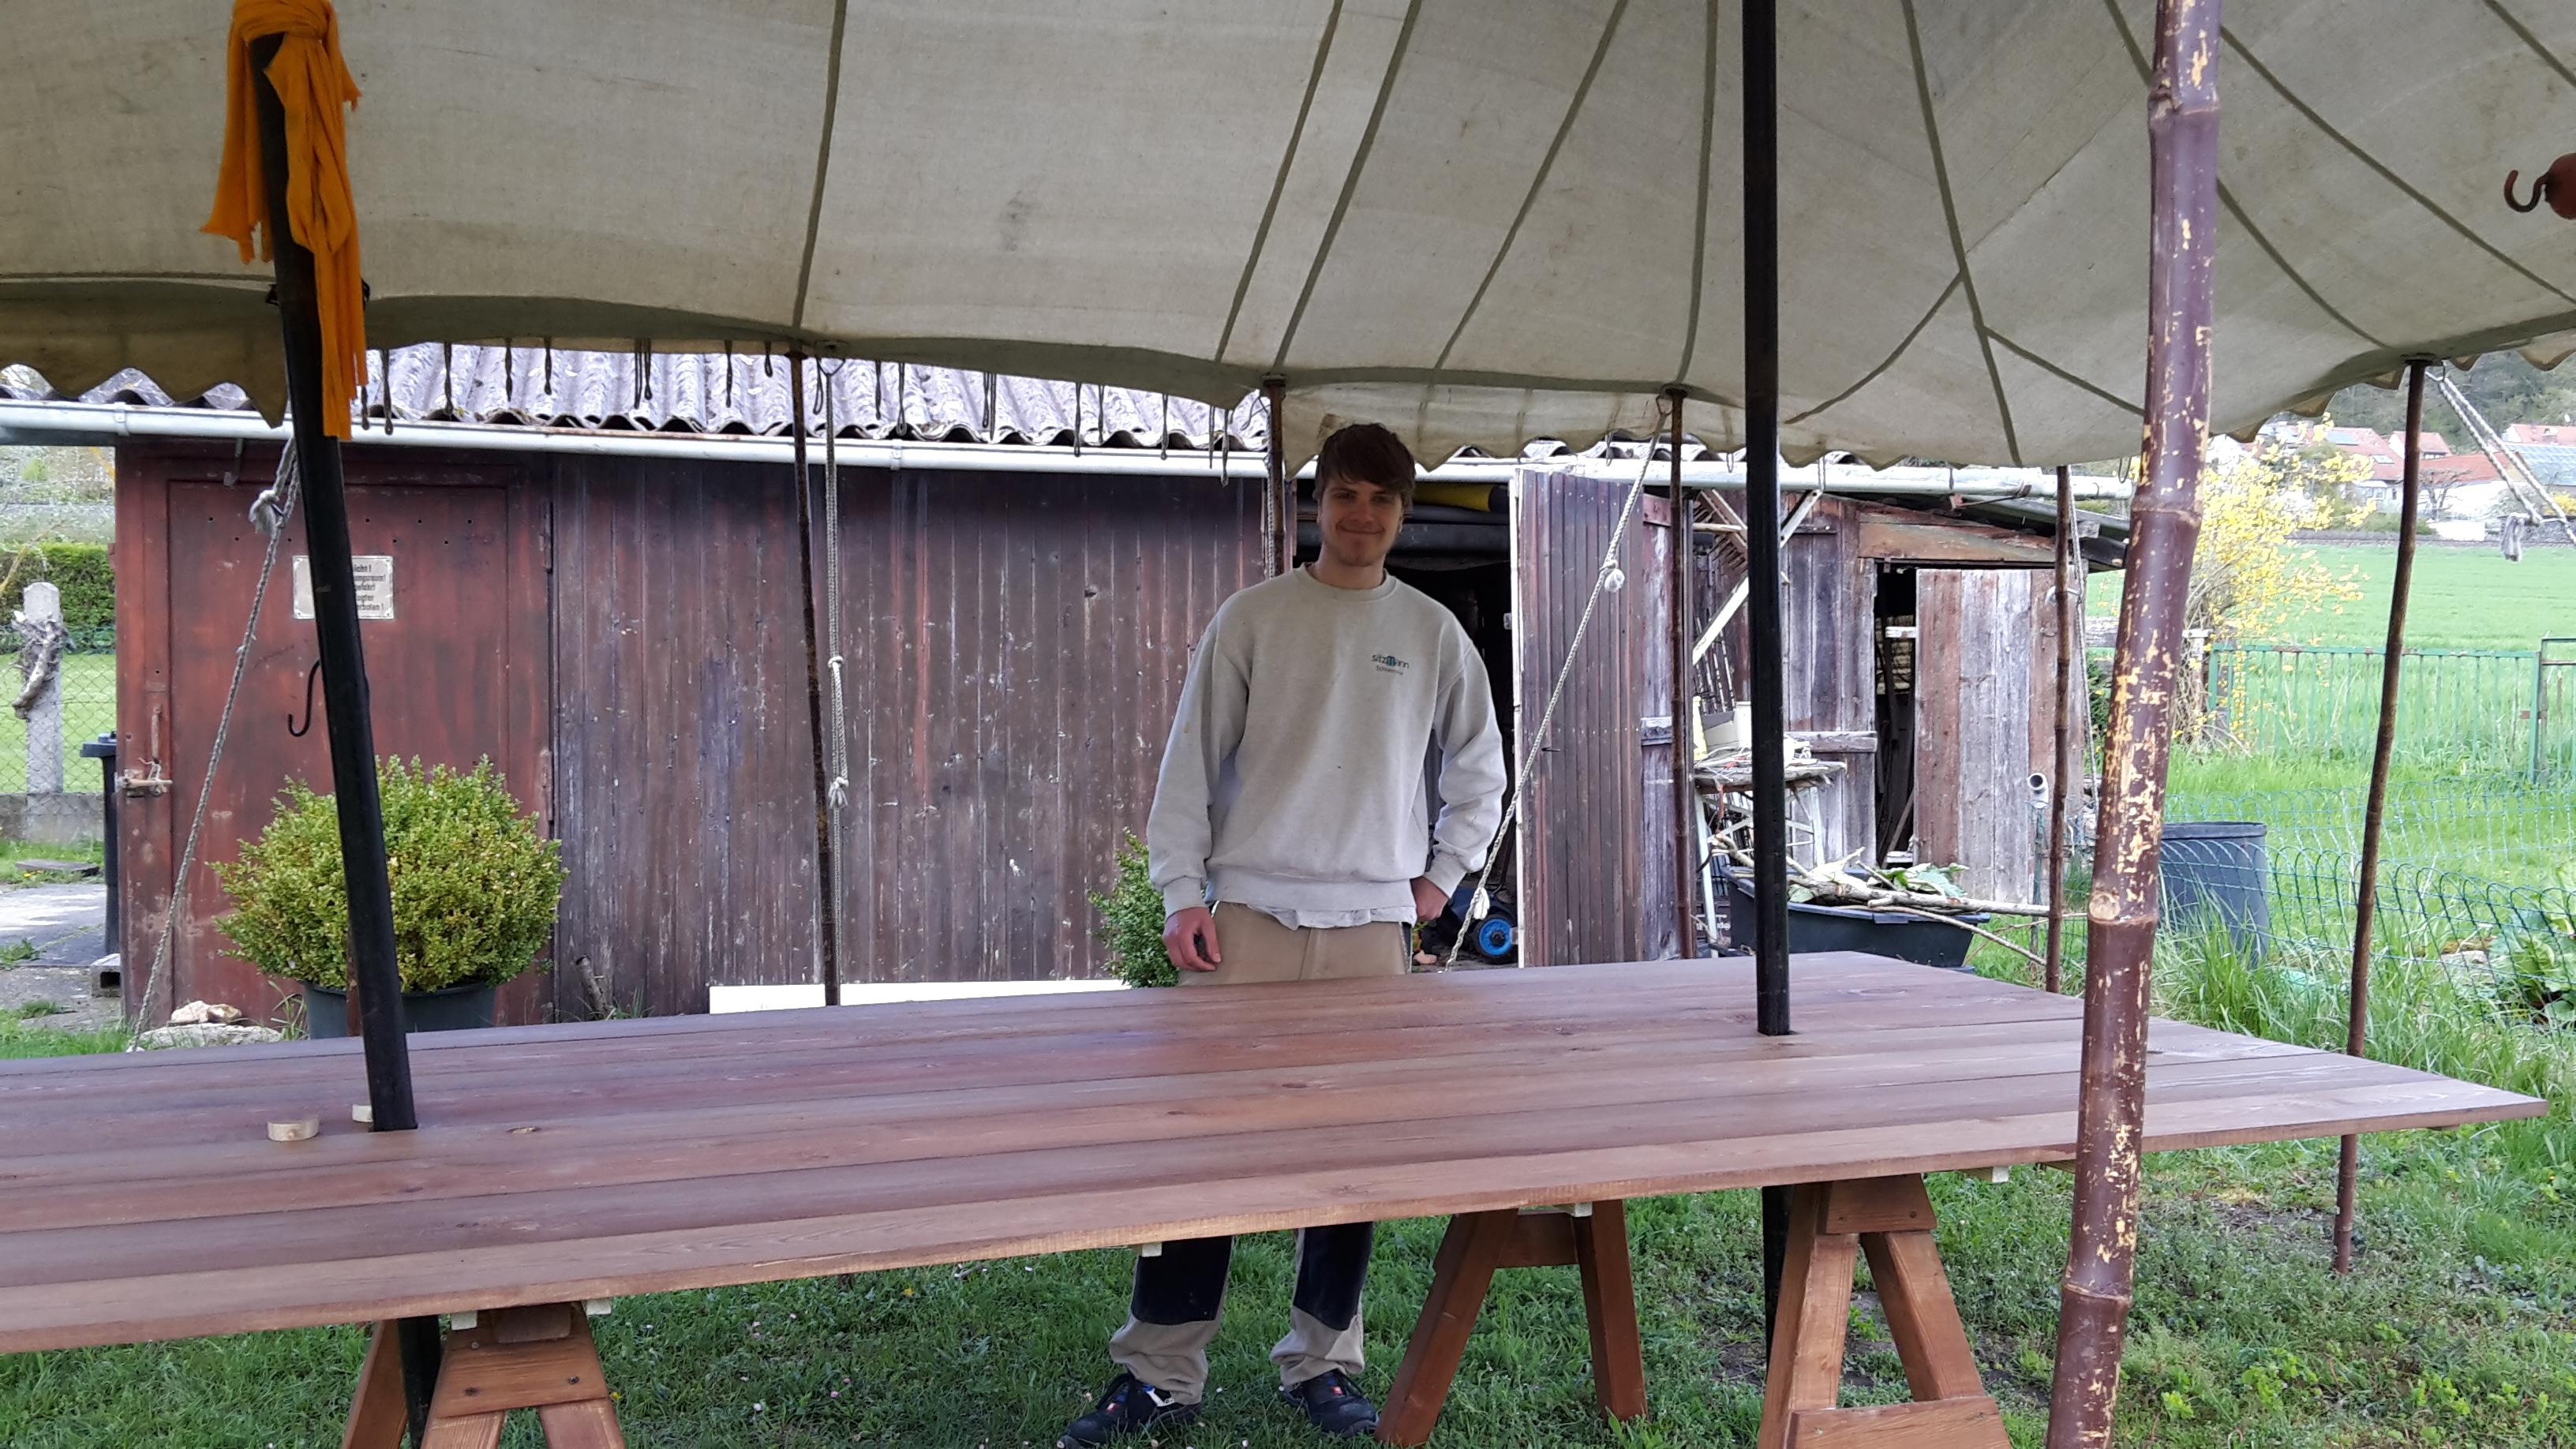 Marcel in der Schreinerei vor dem fertigen Münzertisch unter dem Baldachin